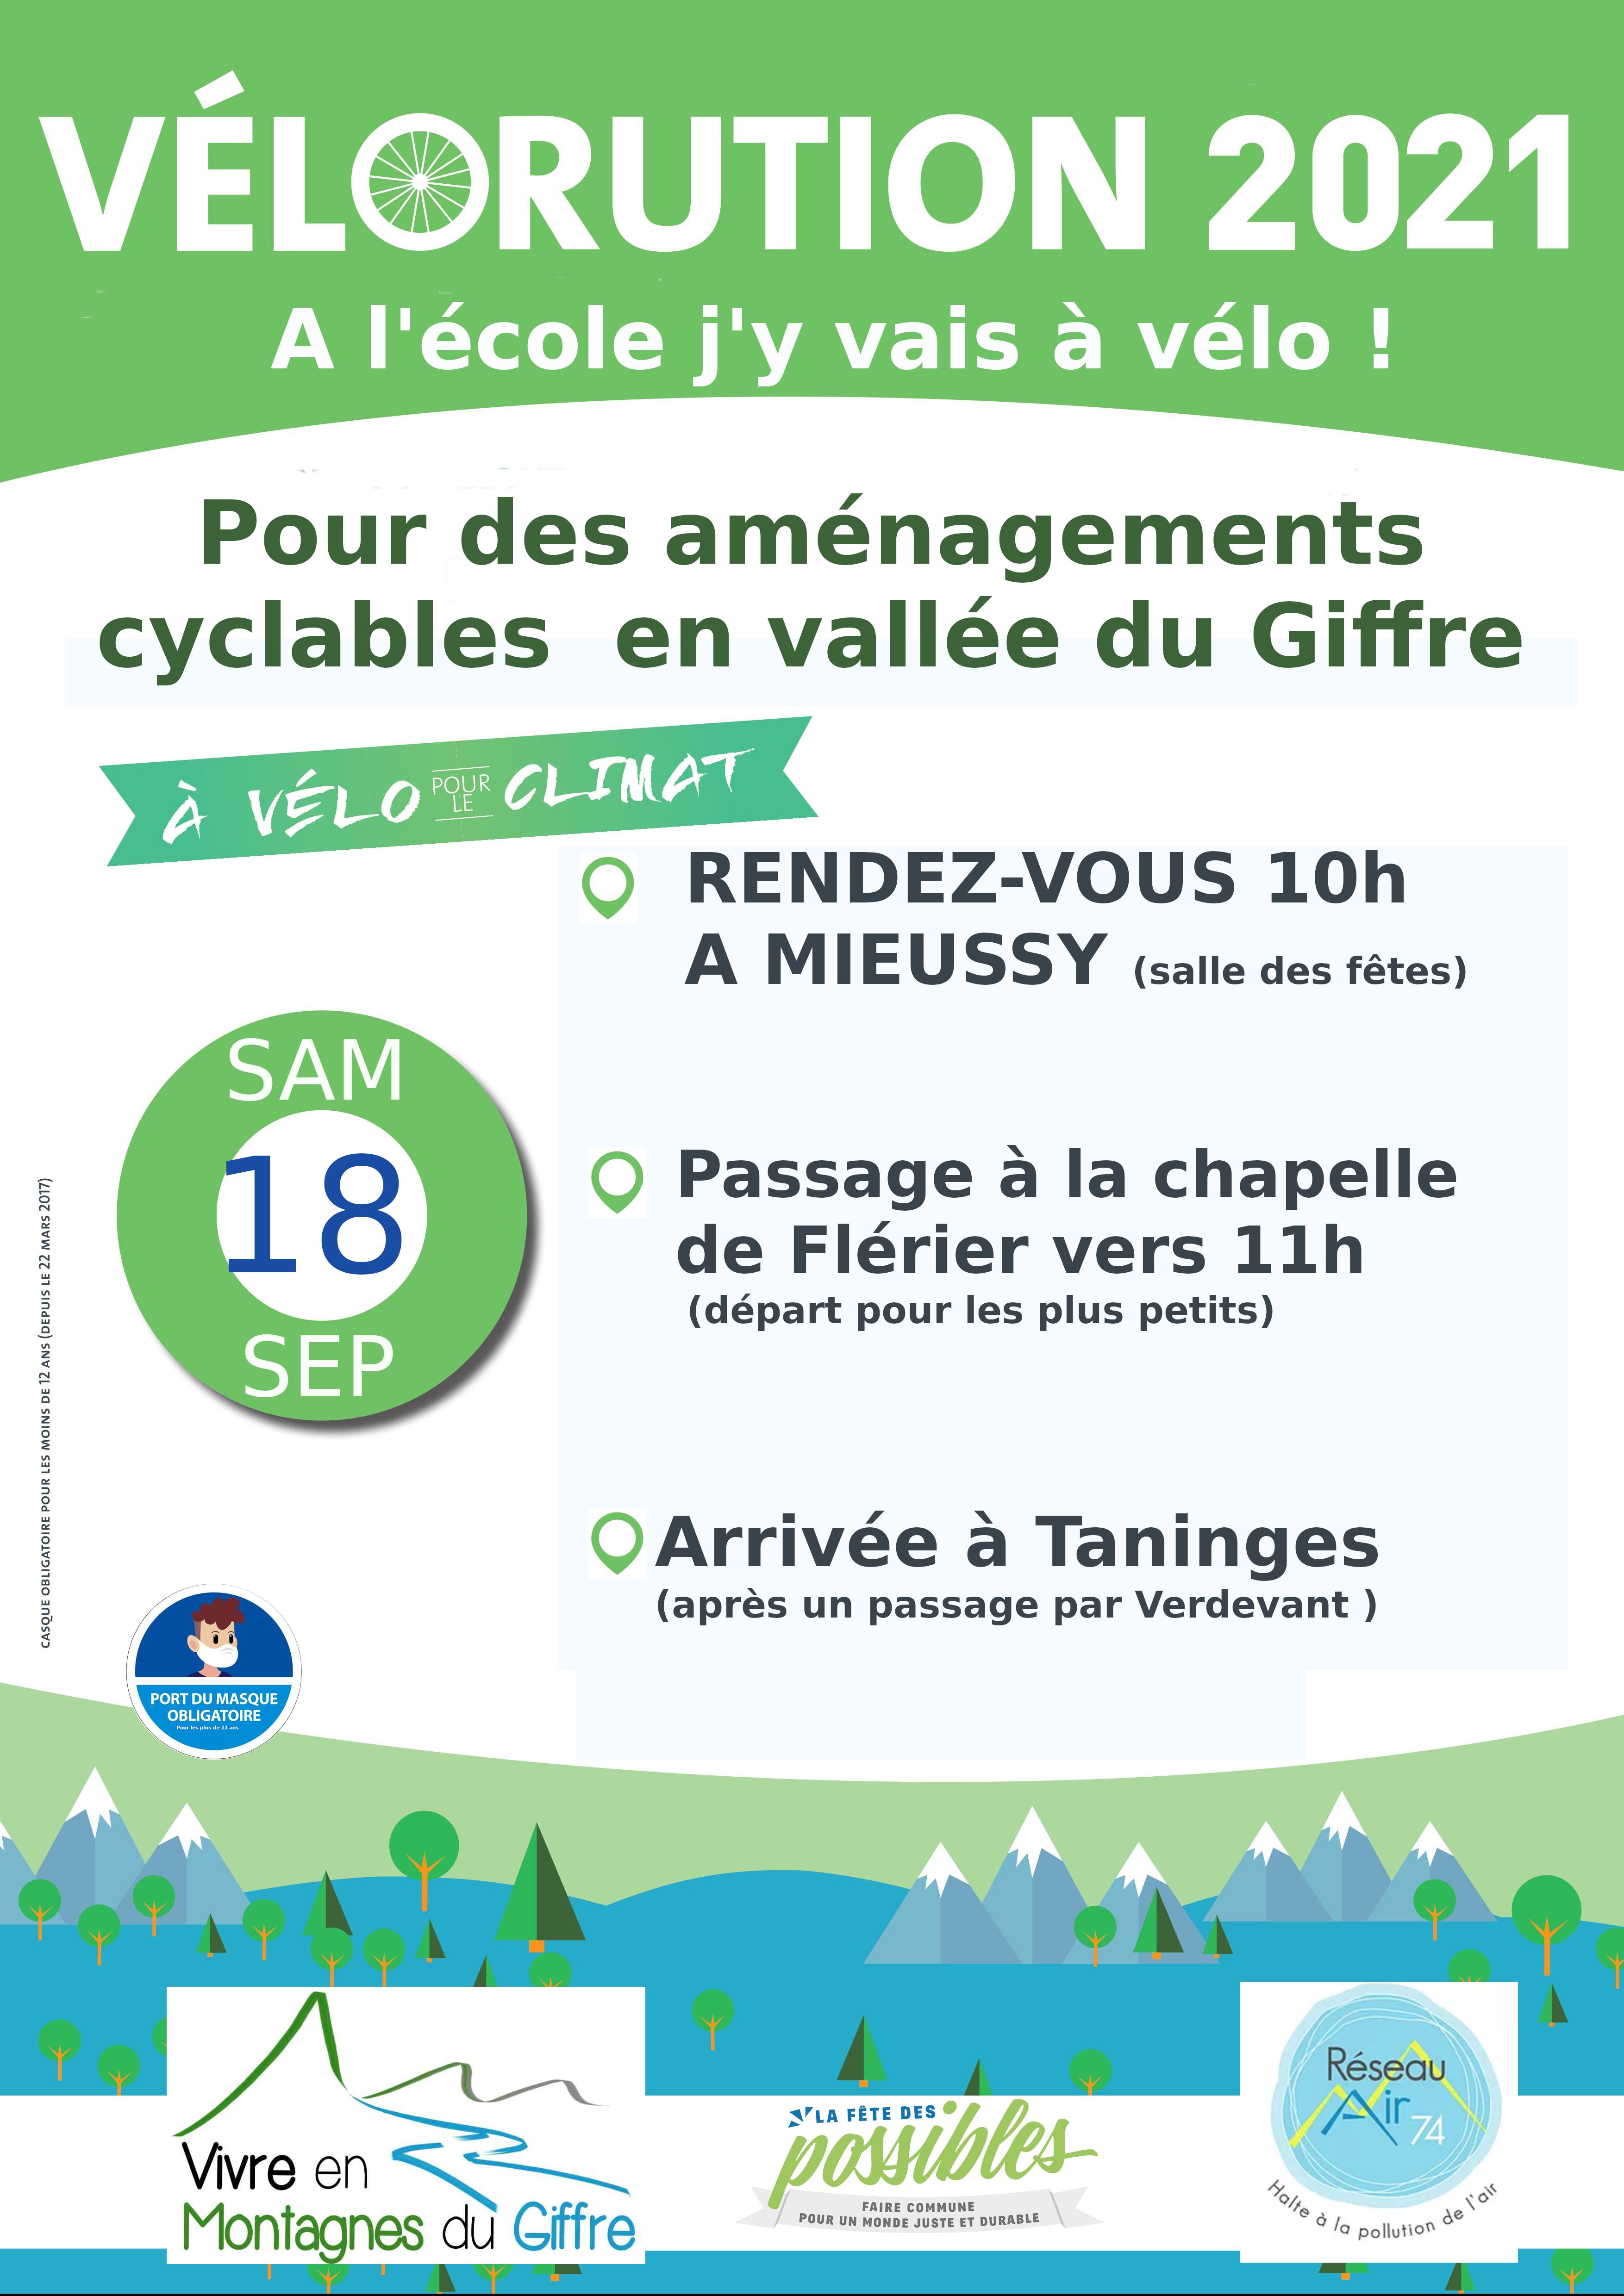 6e Vélorution de Vivre en Montagnes du Giffre (VEMG)